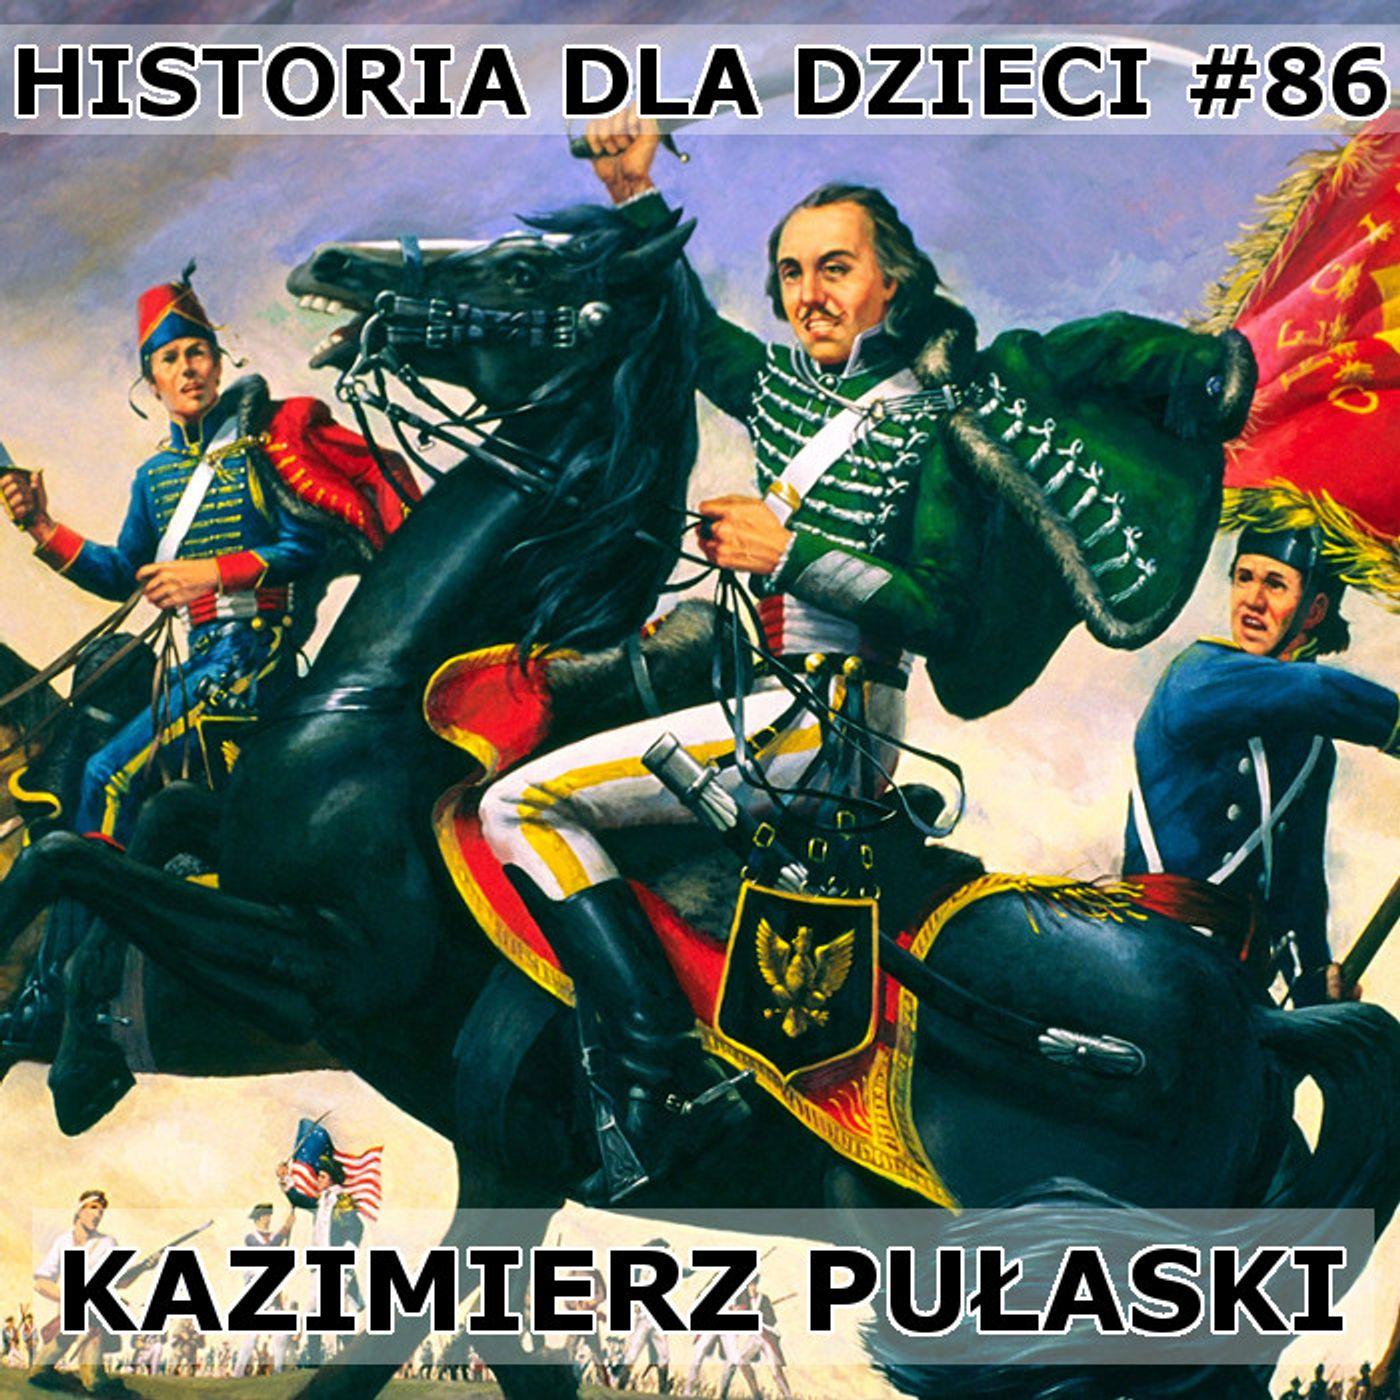 86 - Kazimierz Pułaski